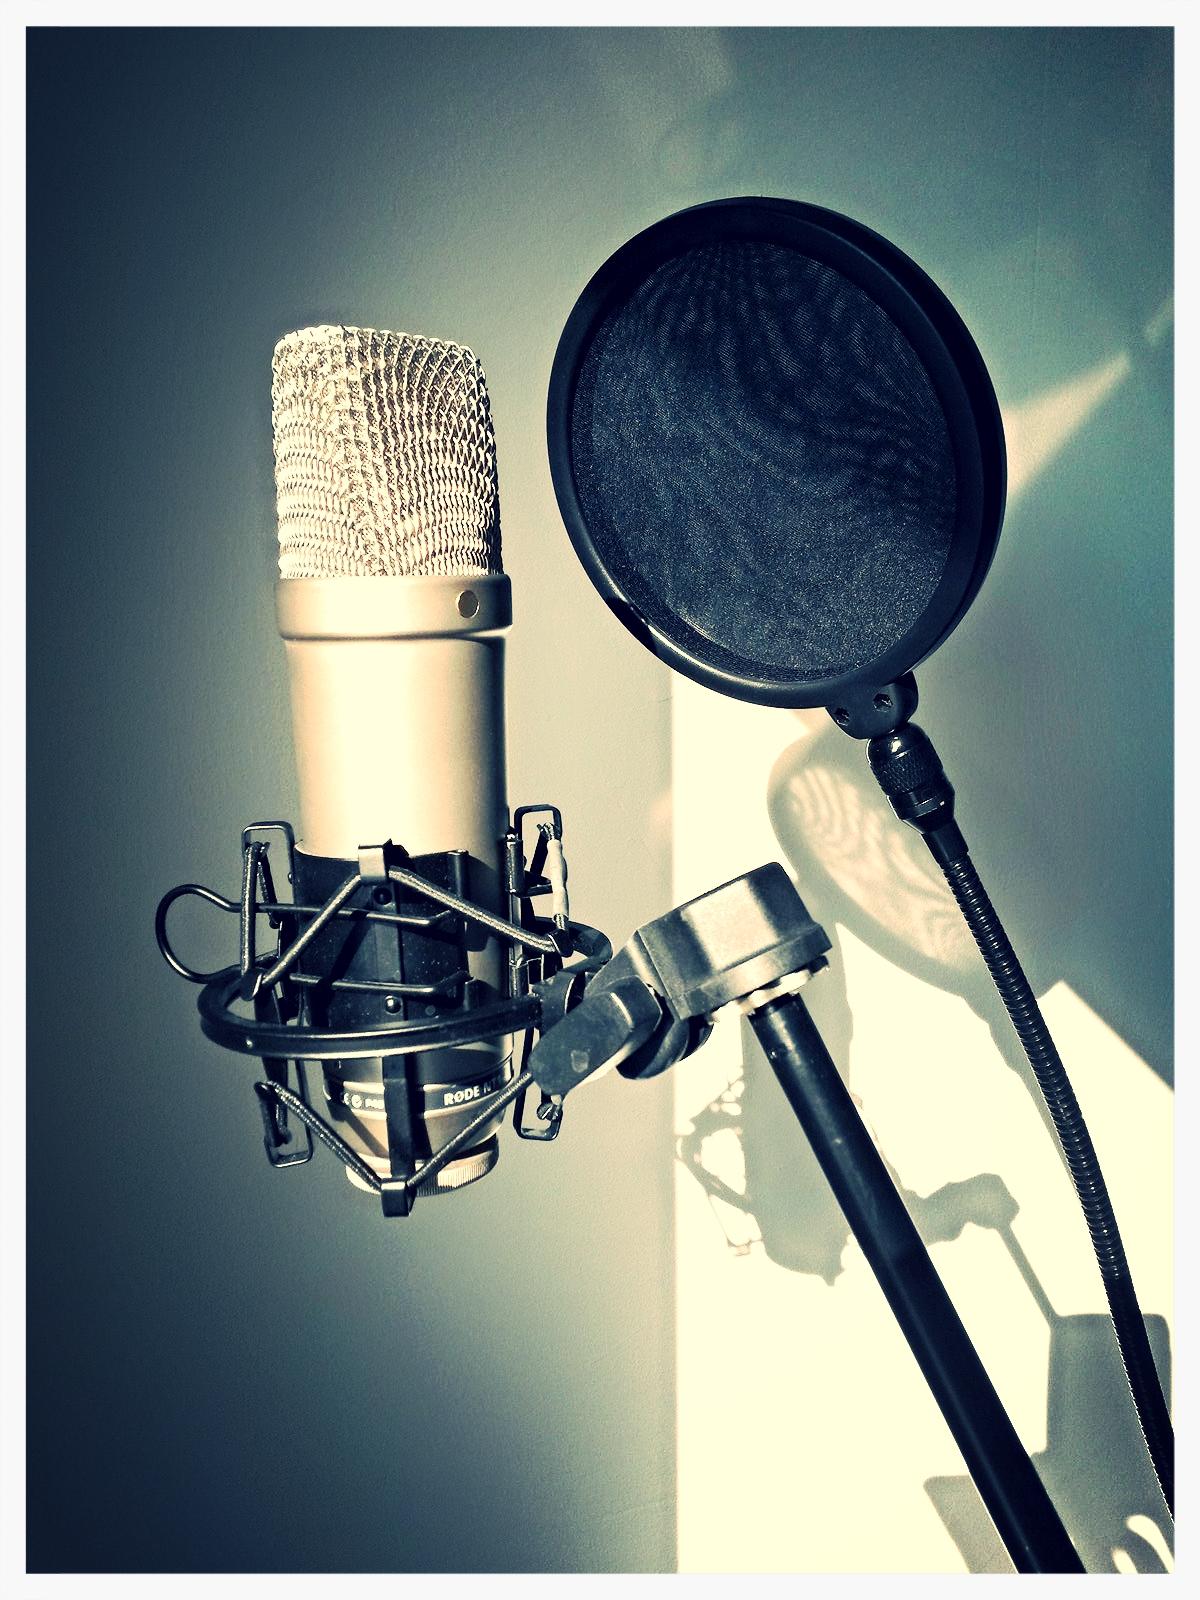 Muzieklicenties - masterlicentie voor rechtmatig gebruik van de audio opname